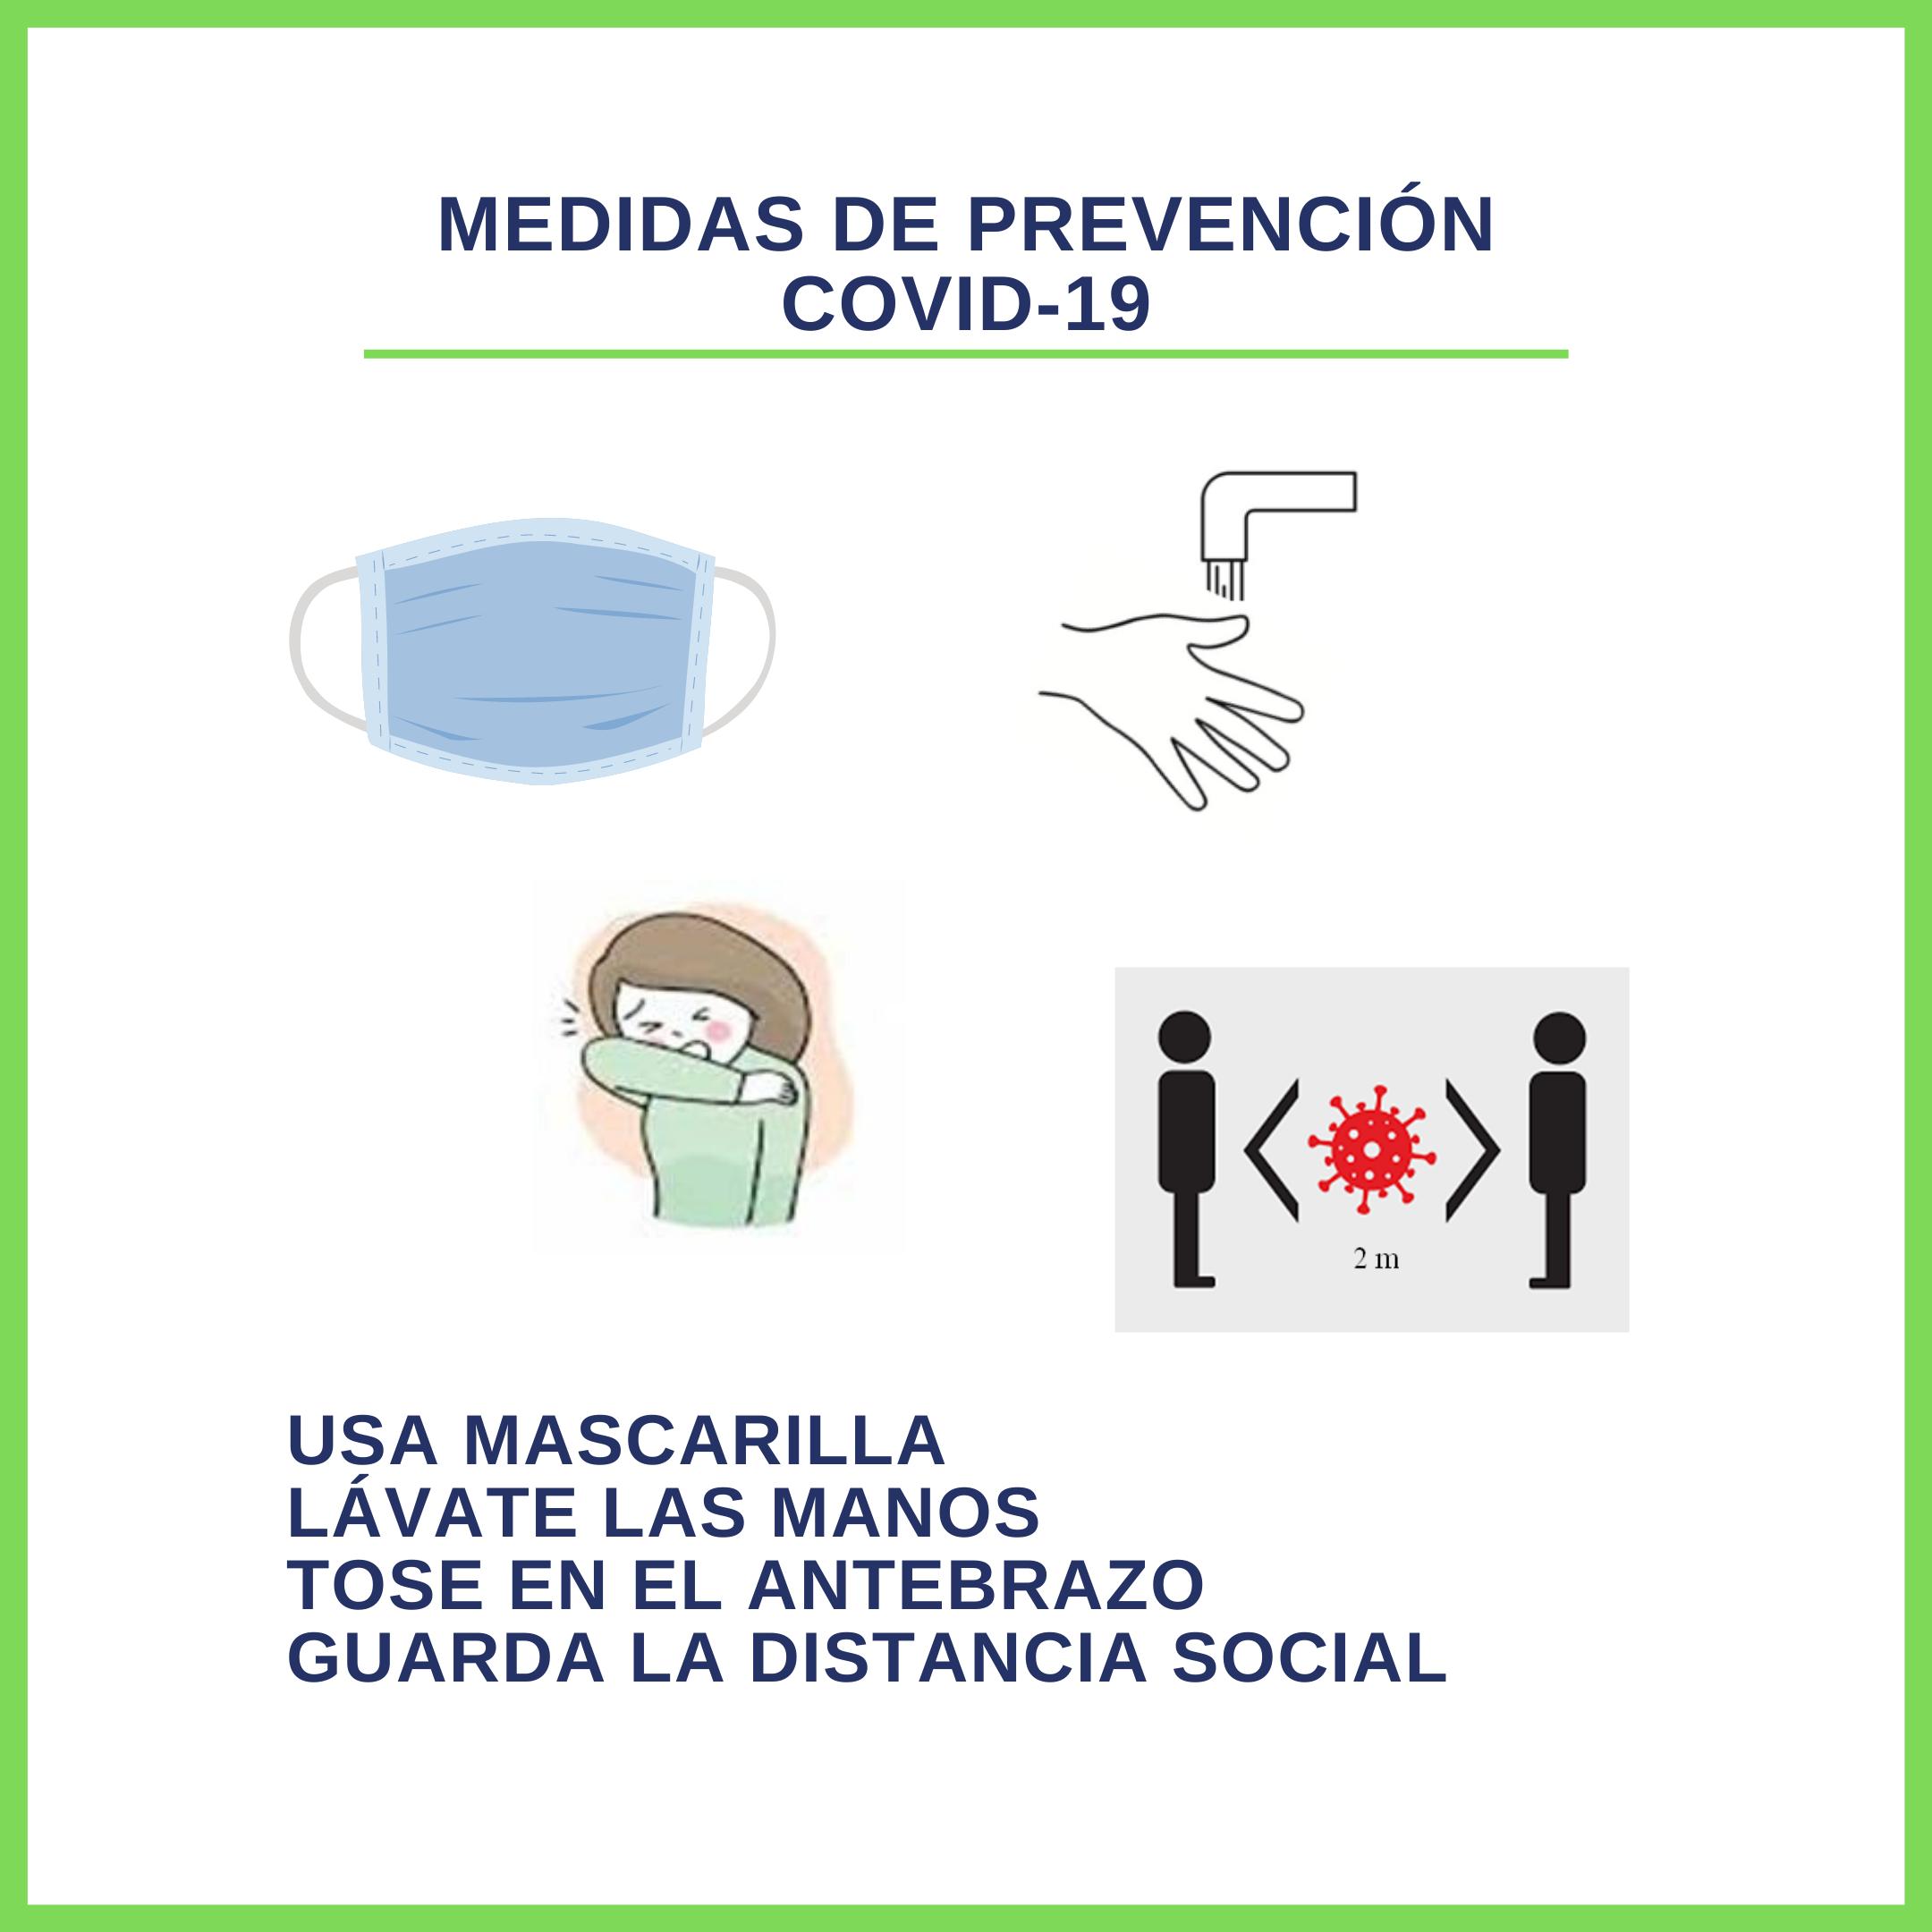 Medidas de prevención COVID-19 AUVEA